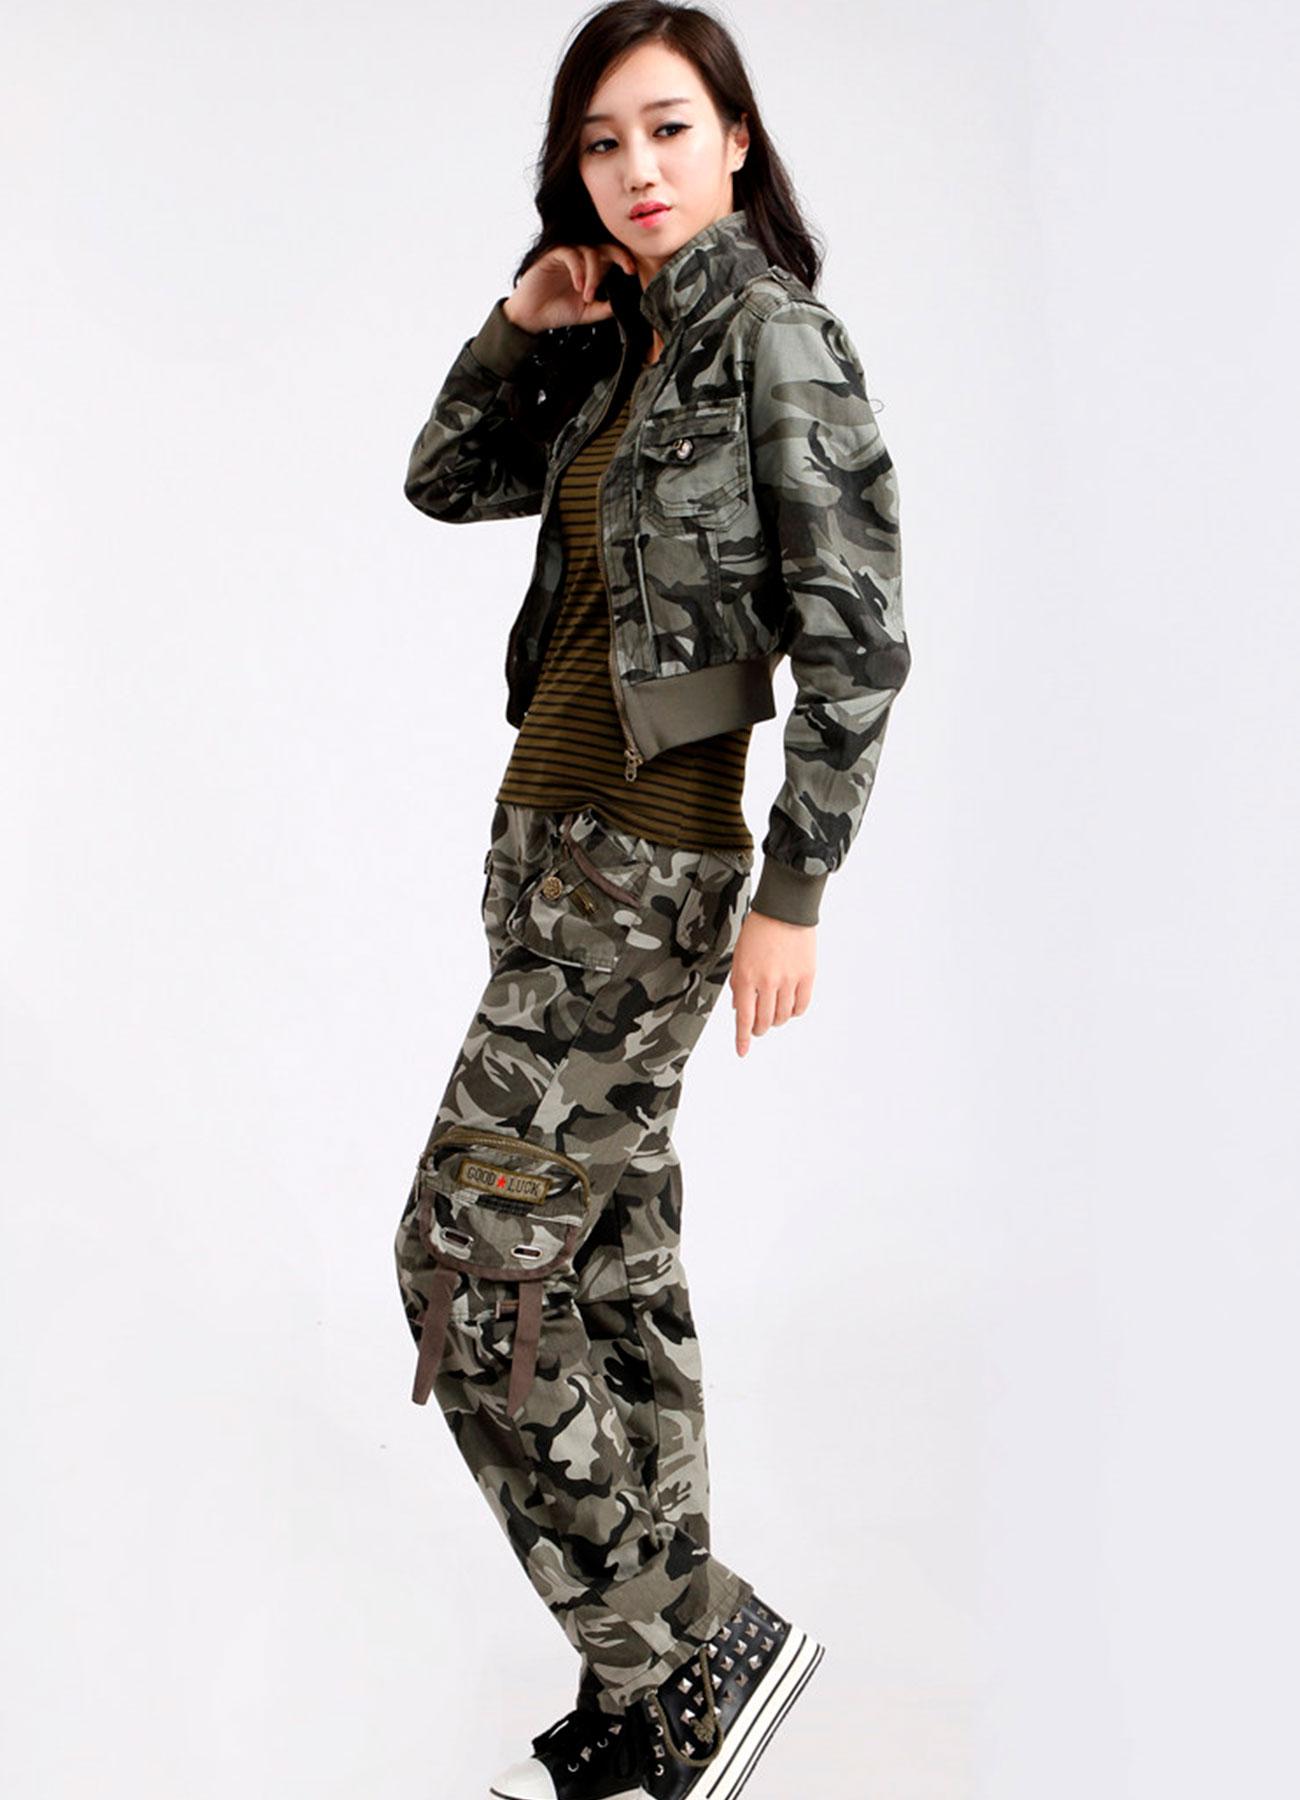 женские камуфляжные костюмы фото что делать тем